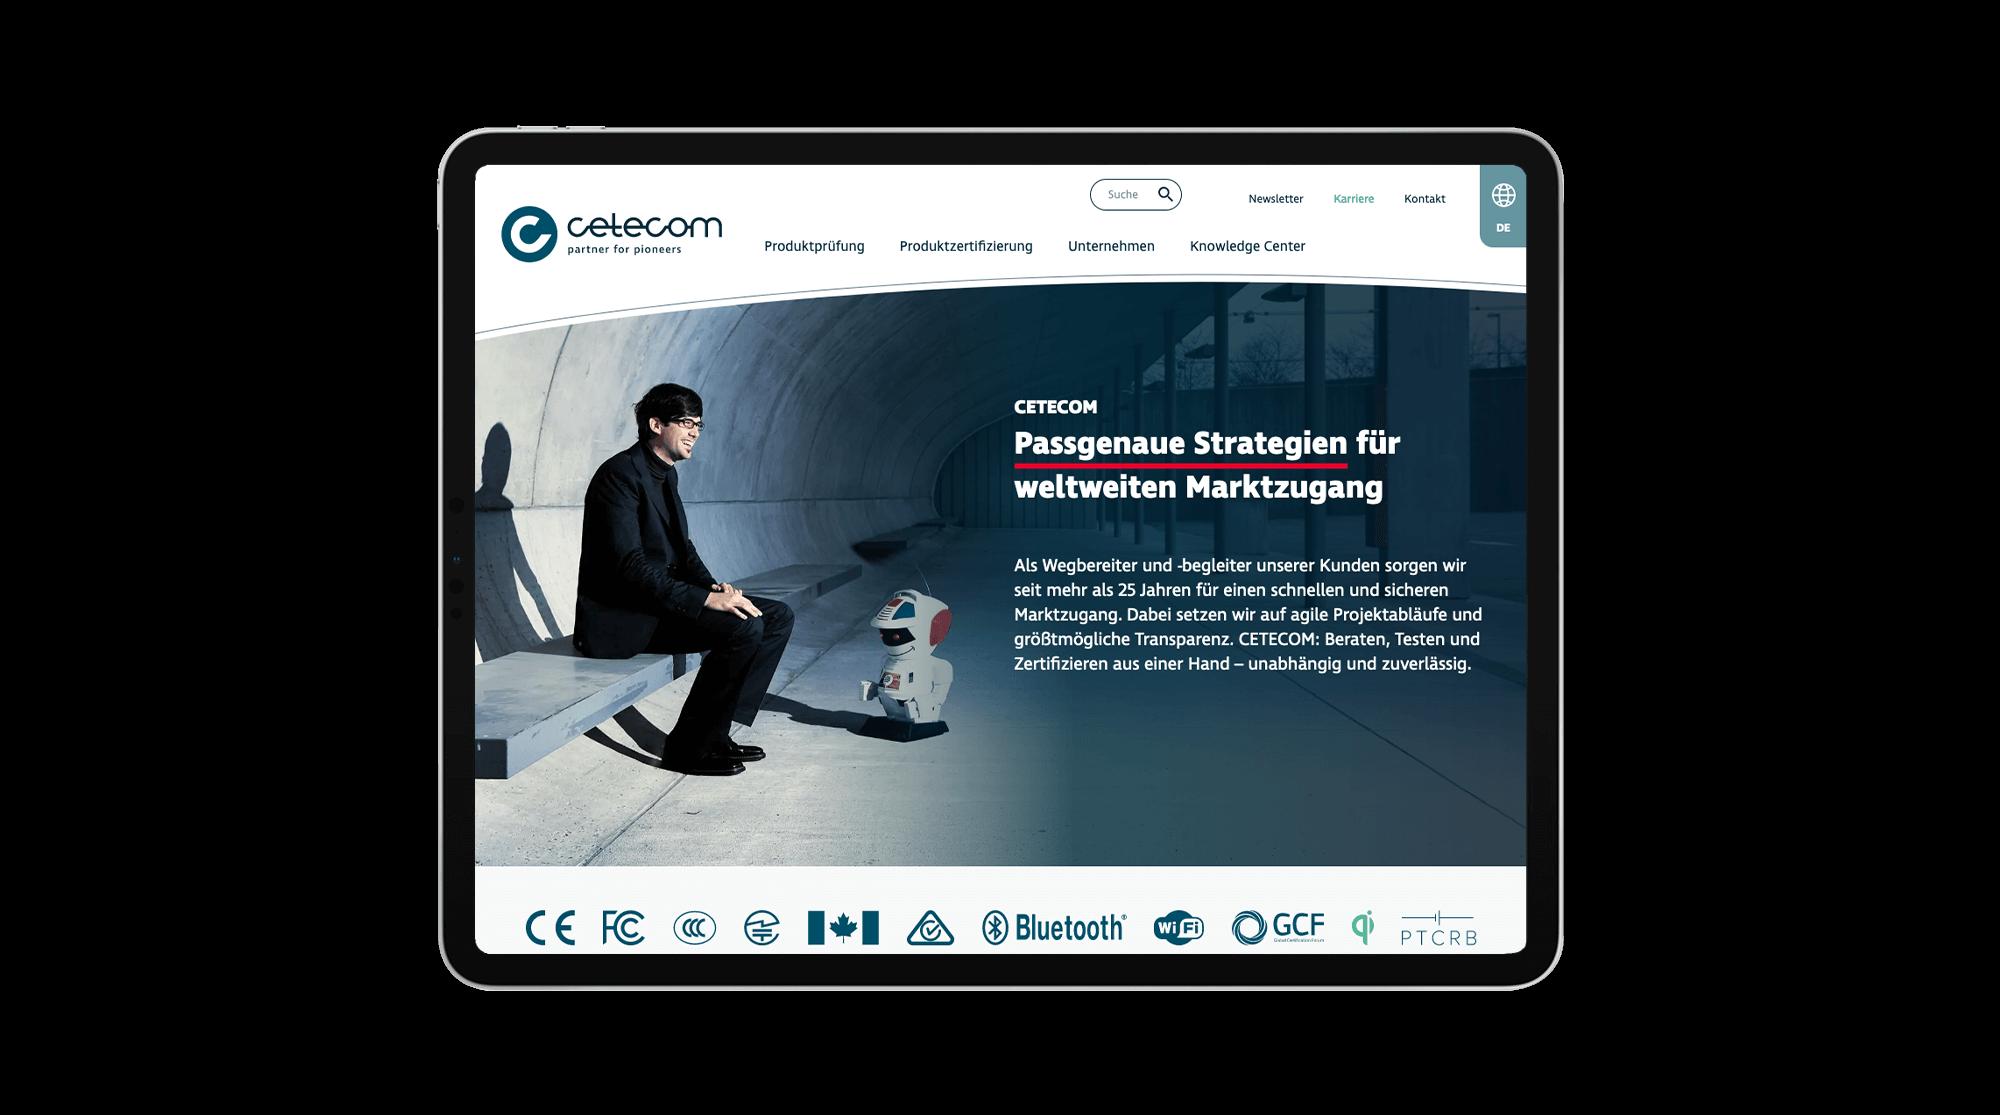 Ansicht der Website nach dem erfolgreichen Relaunch auf einem Mobilgerät (Tablet)